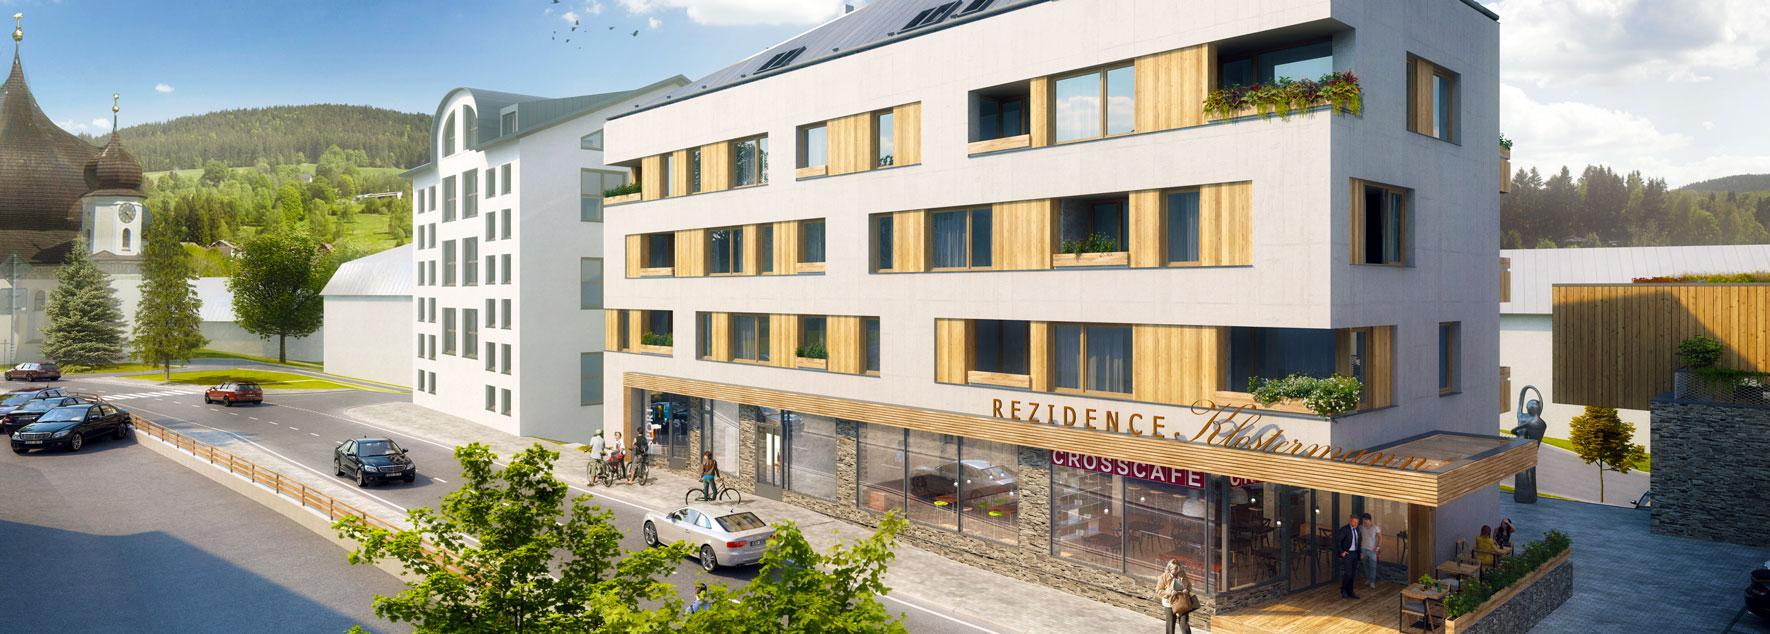 Rezidence-Klostermann-slide-nove3